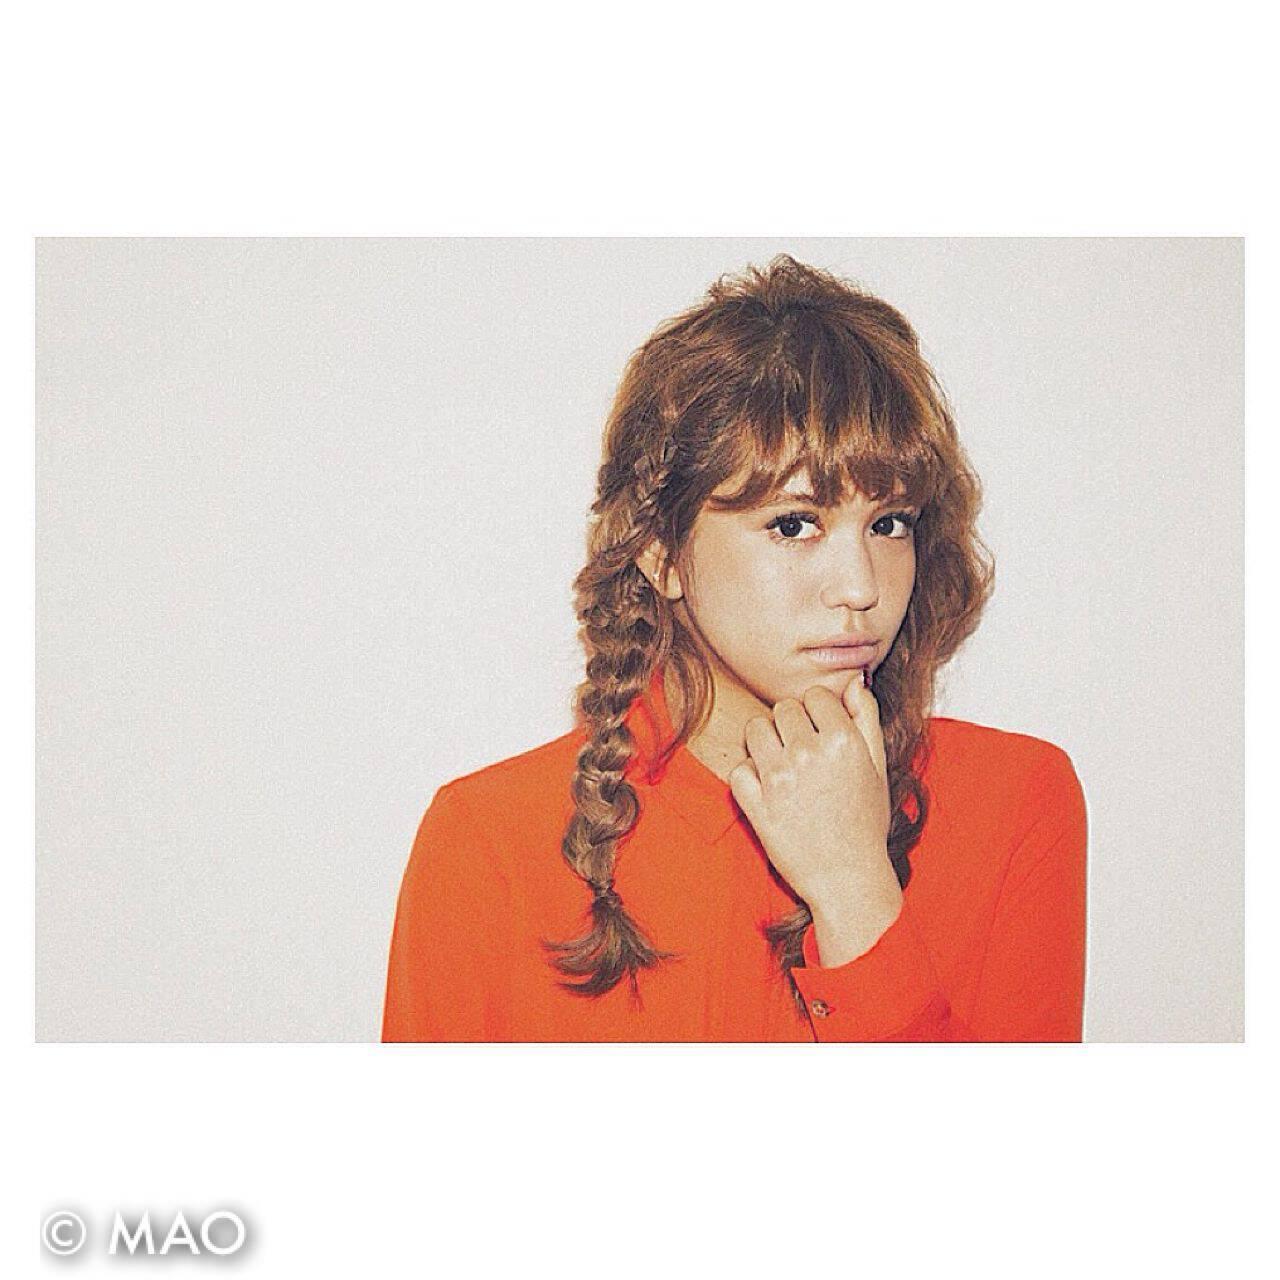 ヘアアレンジ 外国人風 編み込み 抜け感ヘアスタイルや髪型の写真・画像